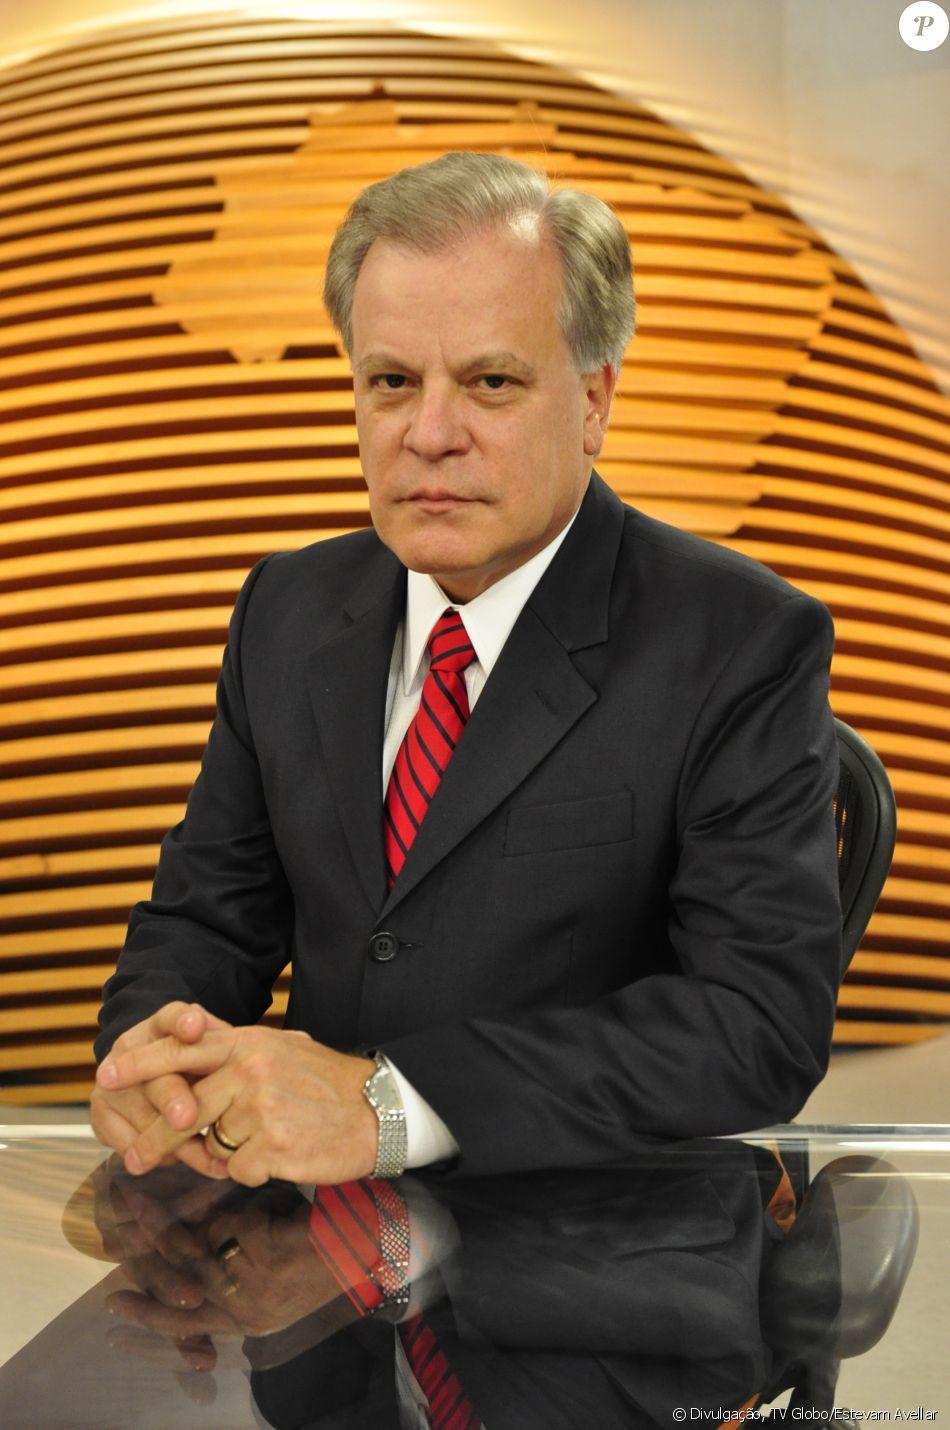 Chico Pinheiro ficou afastado do 'Bom dia Brasil' desde terça-feira, 14 de fevereiro de 2017, devido a problemas cardíacos